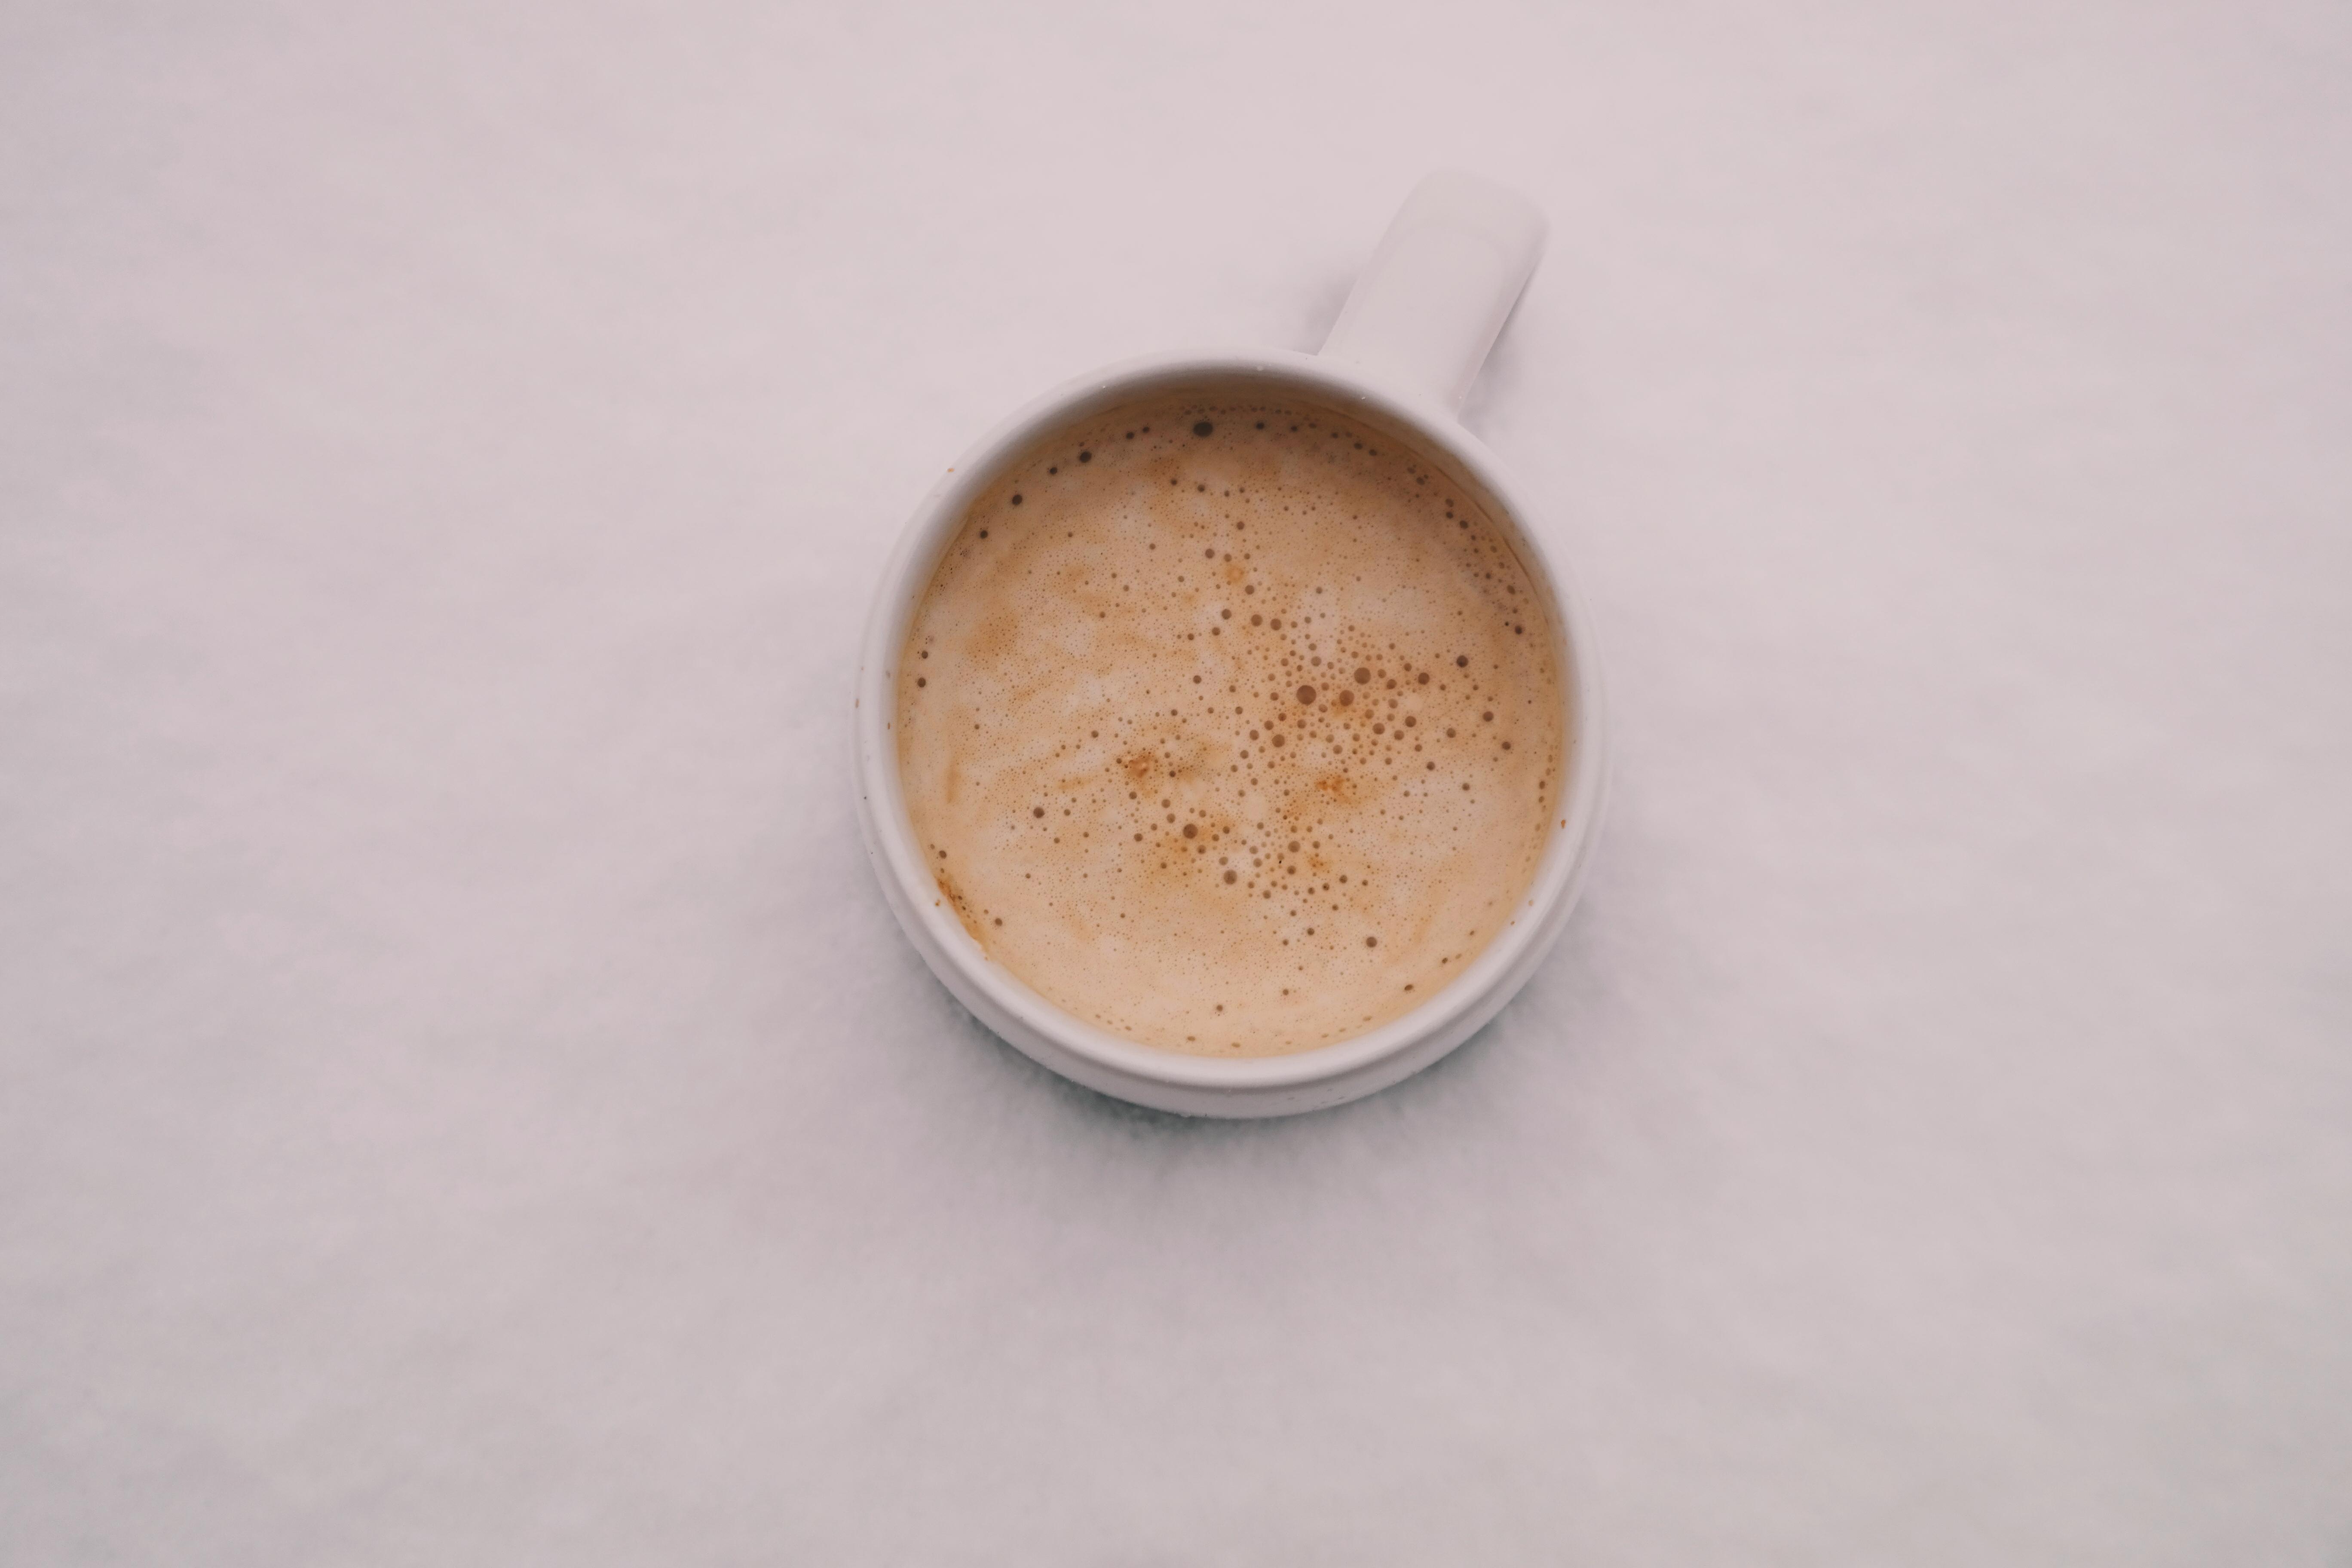 Kaffebrenneriet Sagene leverer kvalitet til kunden